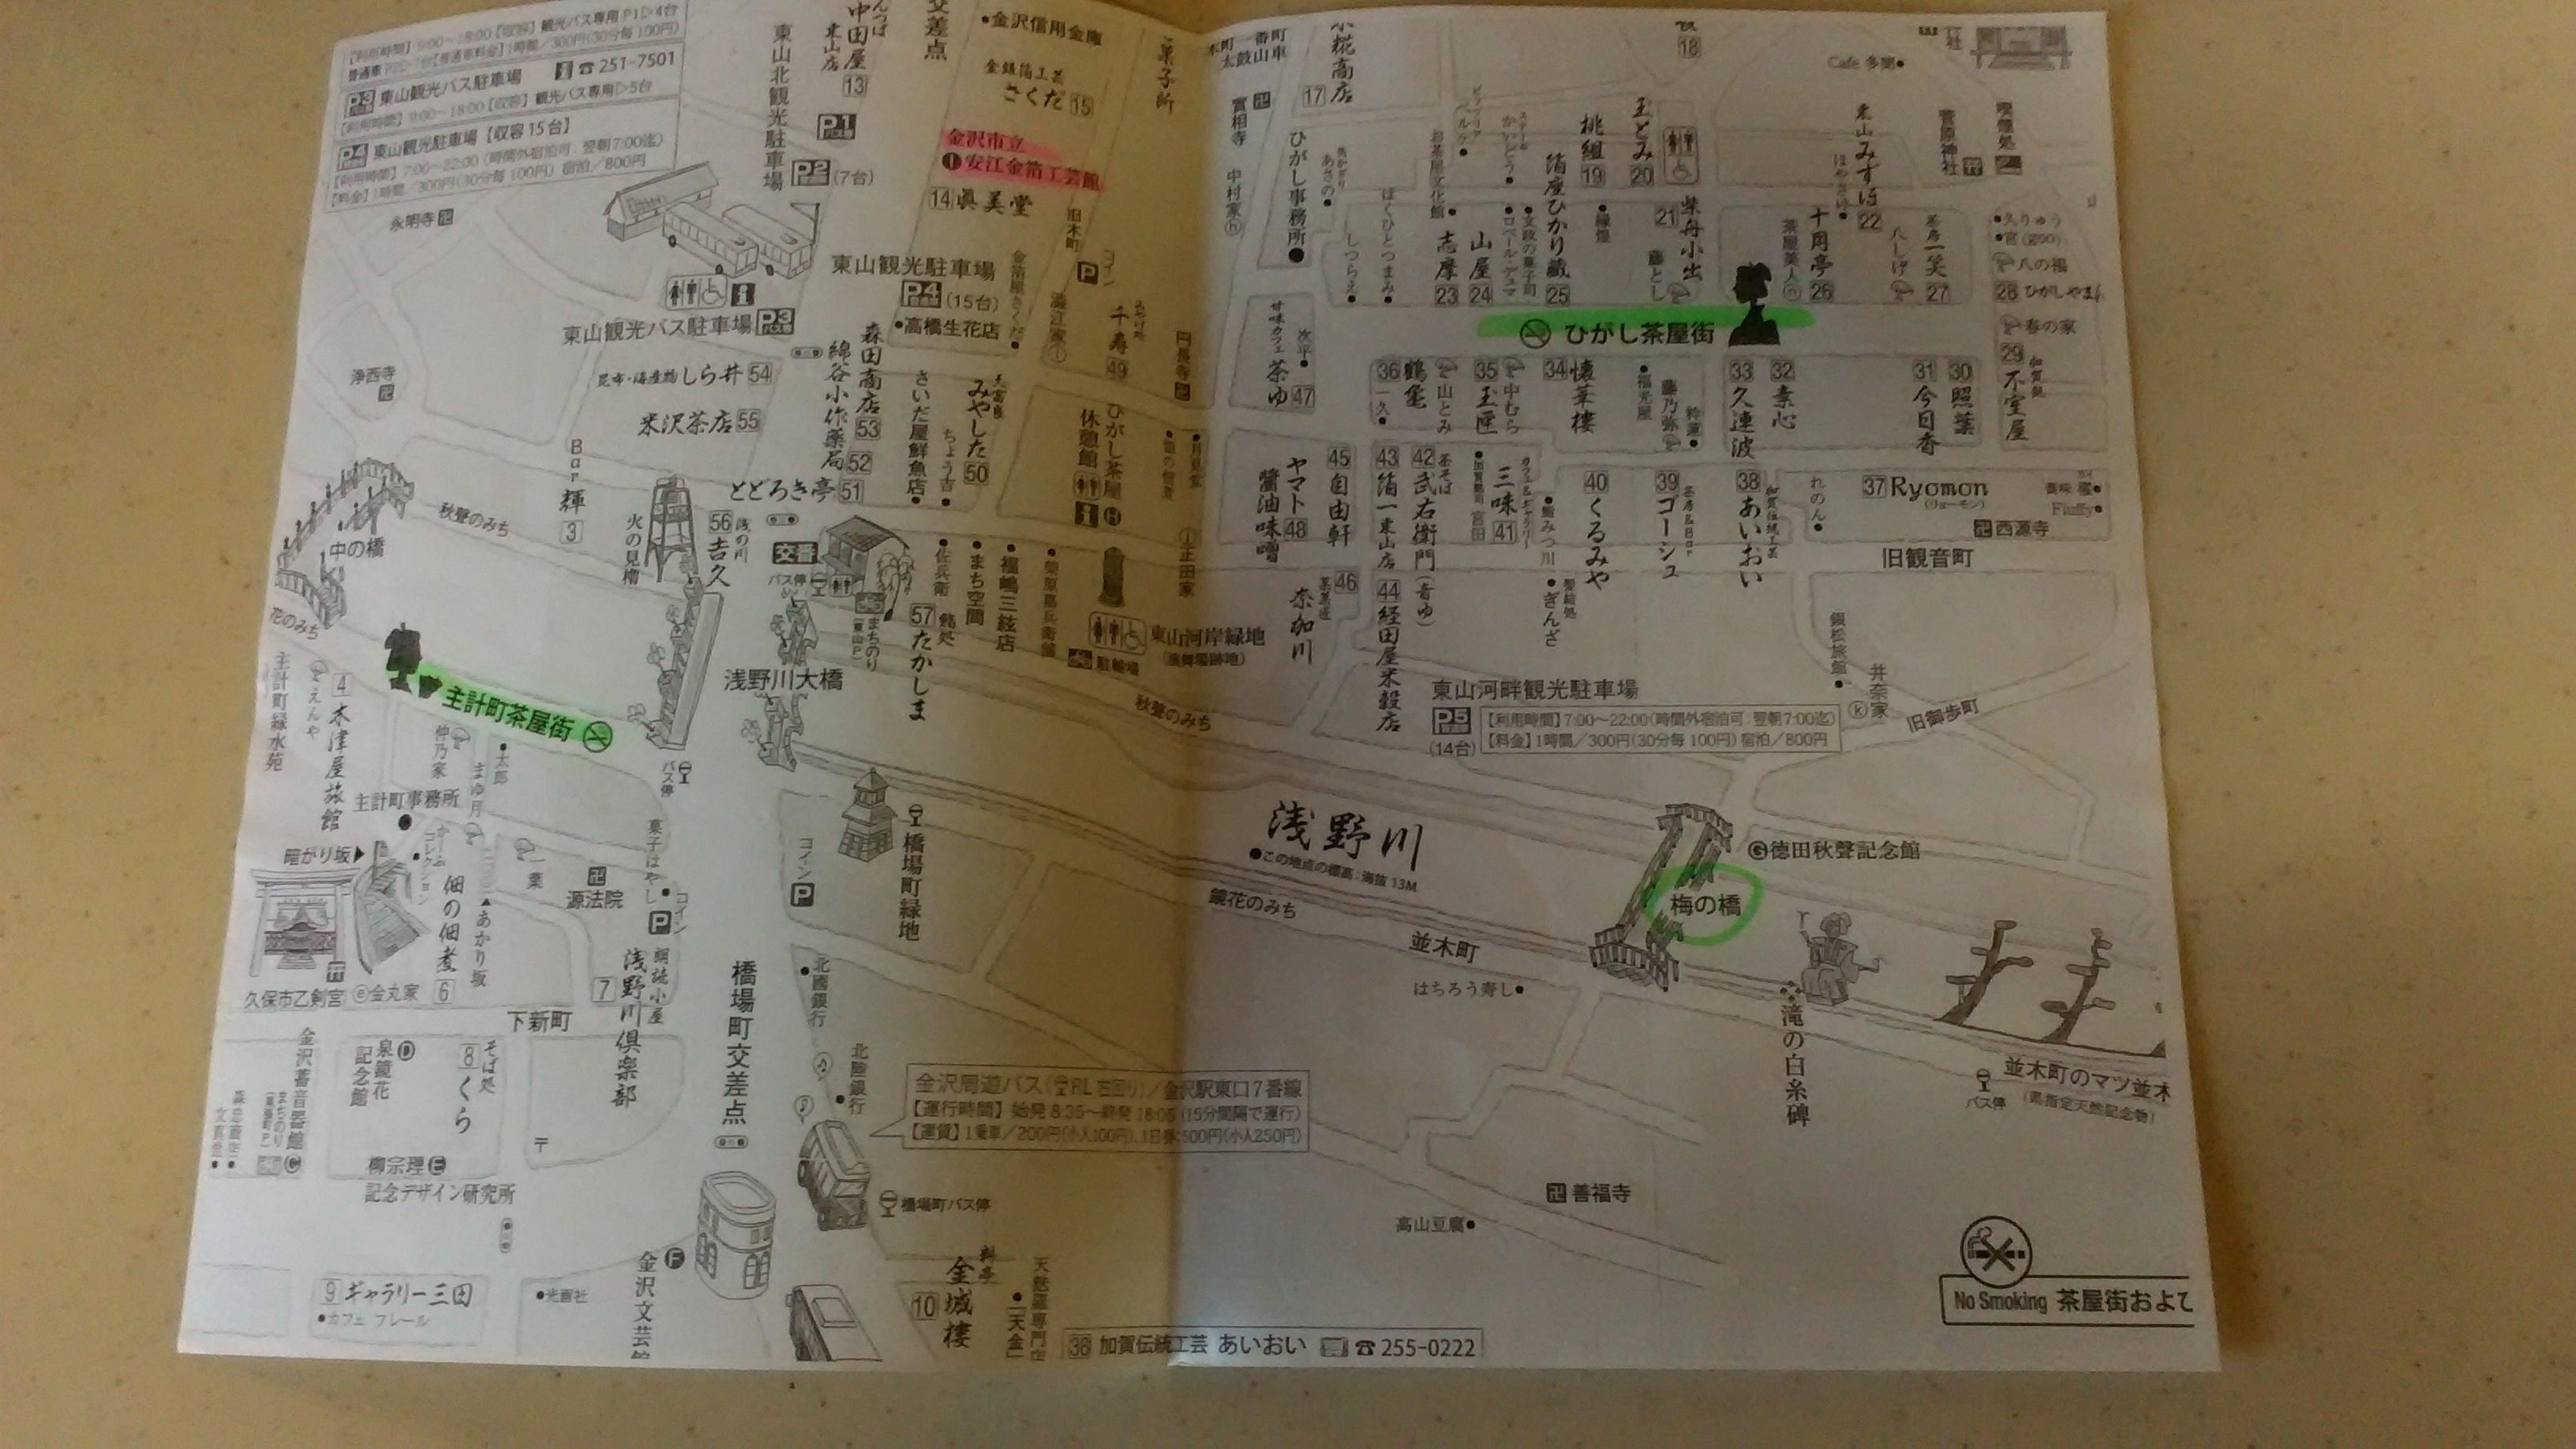 安江金箔工芸館でもらった案内地図